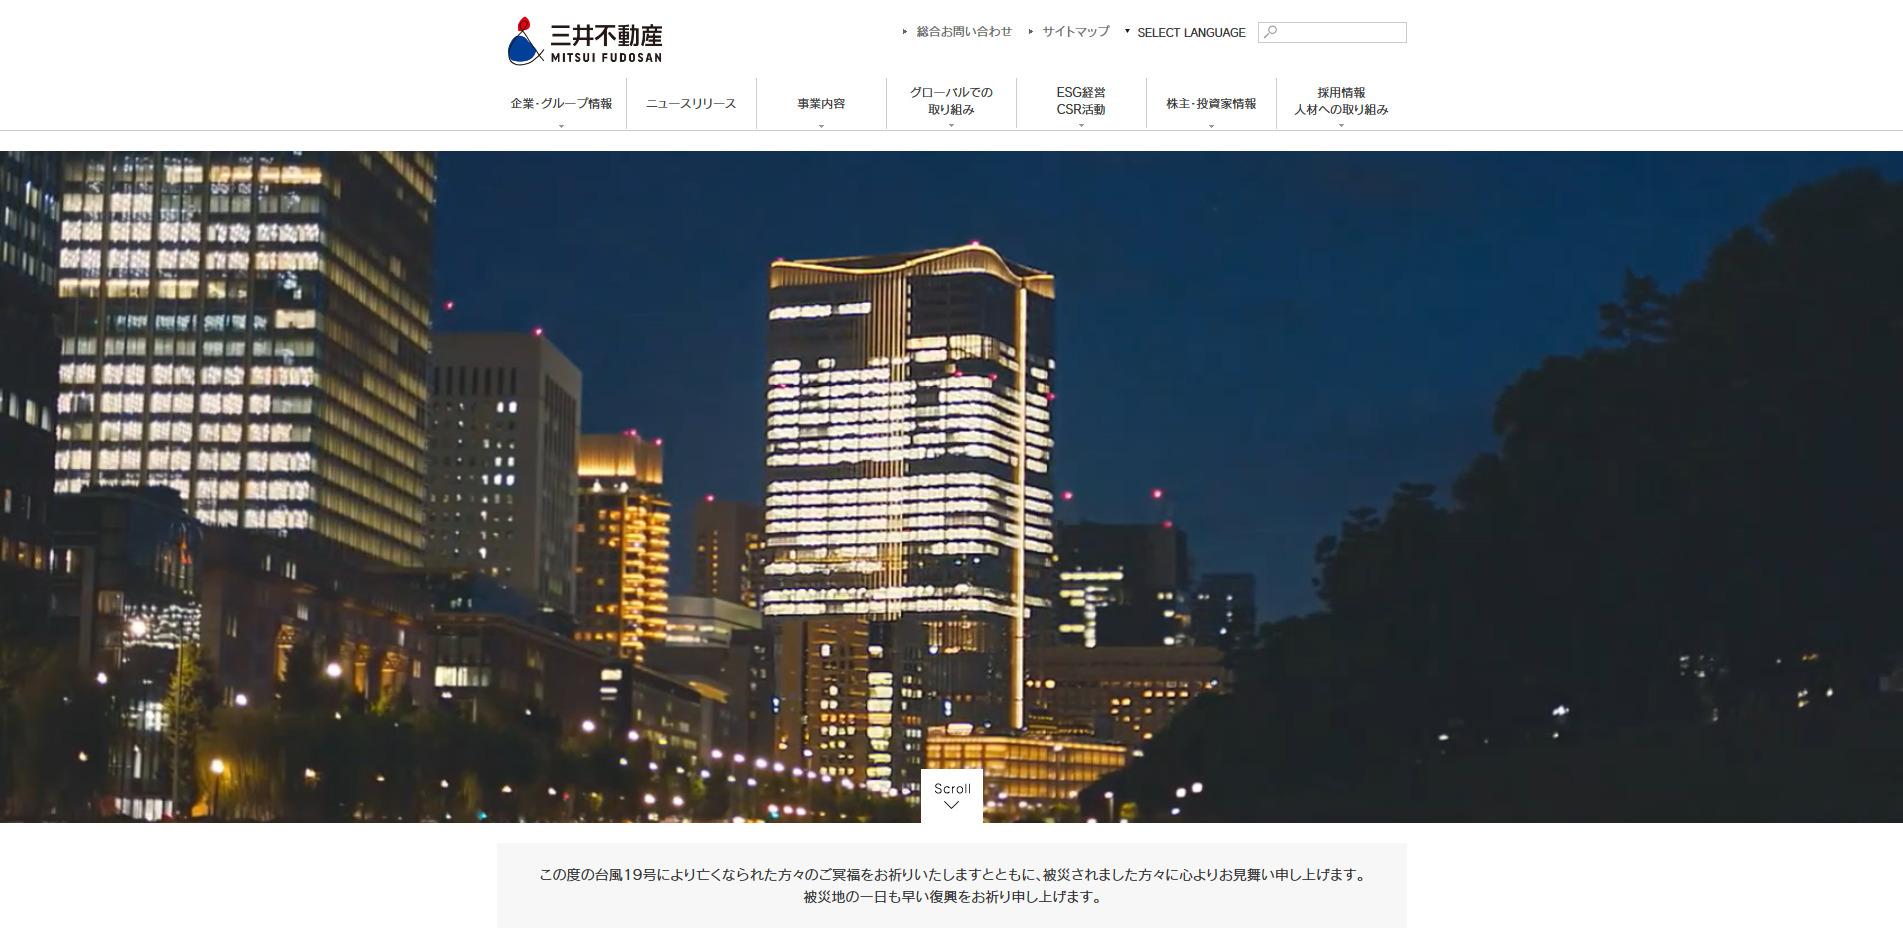 三井不動産株式会社さま